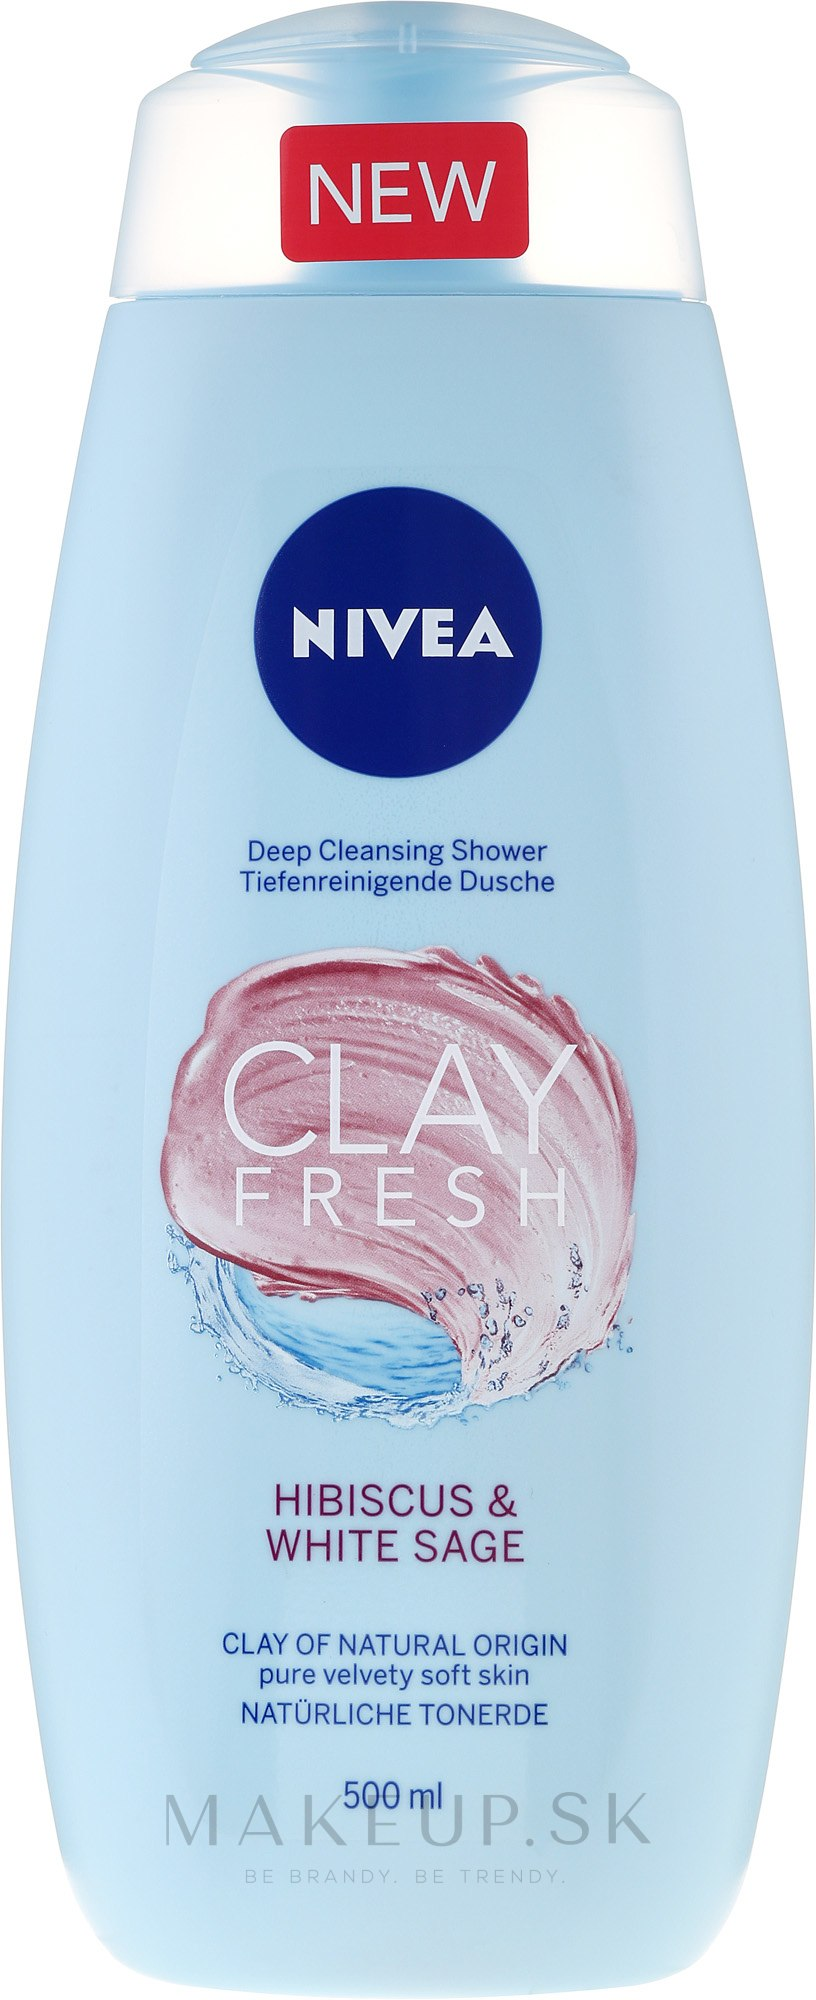 Sprchový gél s ílom - Nivea Clay Fresh Hibiscus & White Sage — Obrázky 500 ml